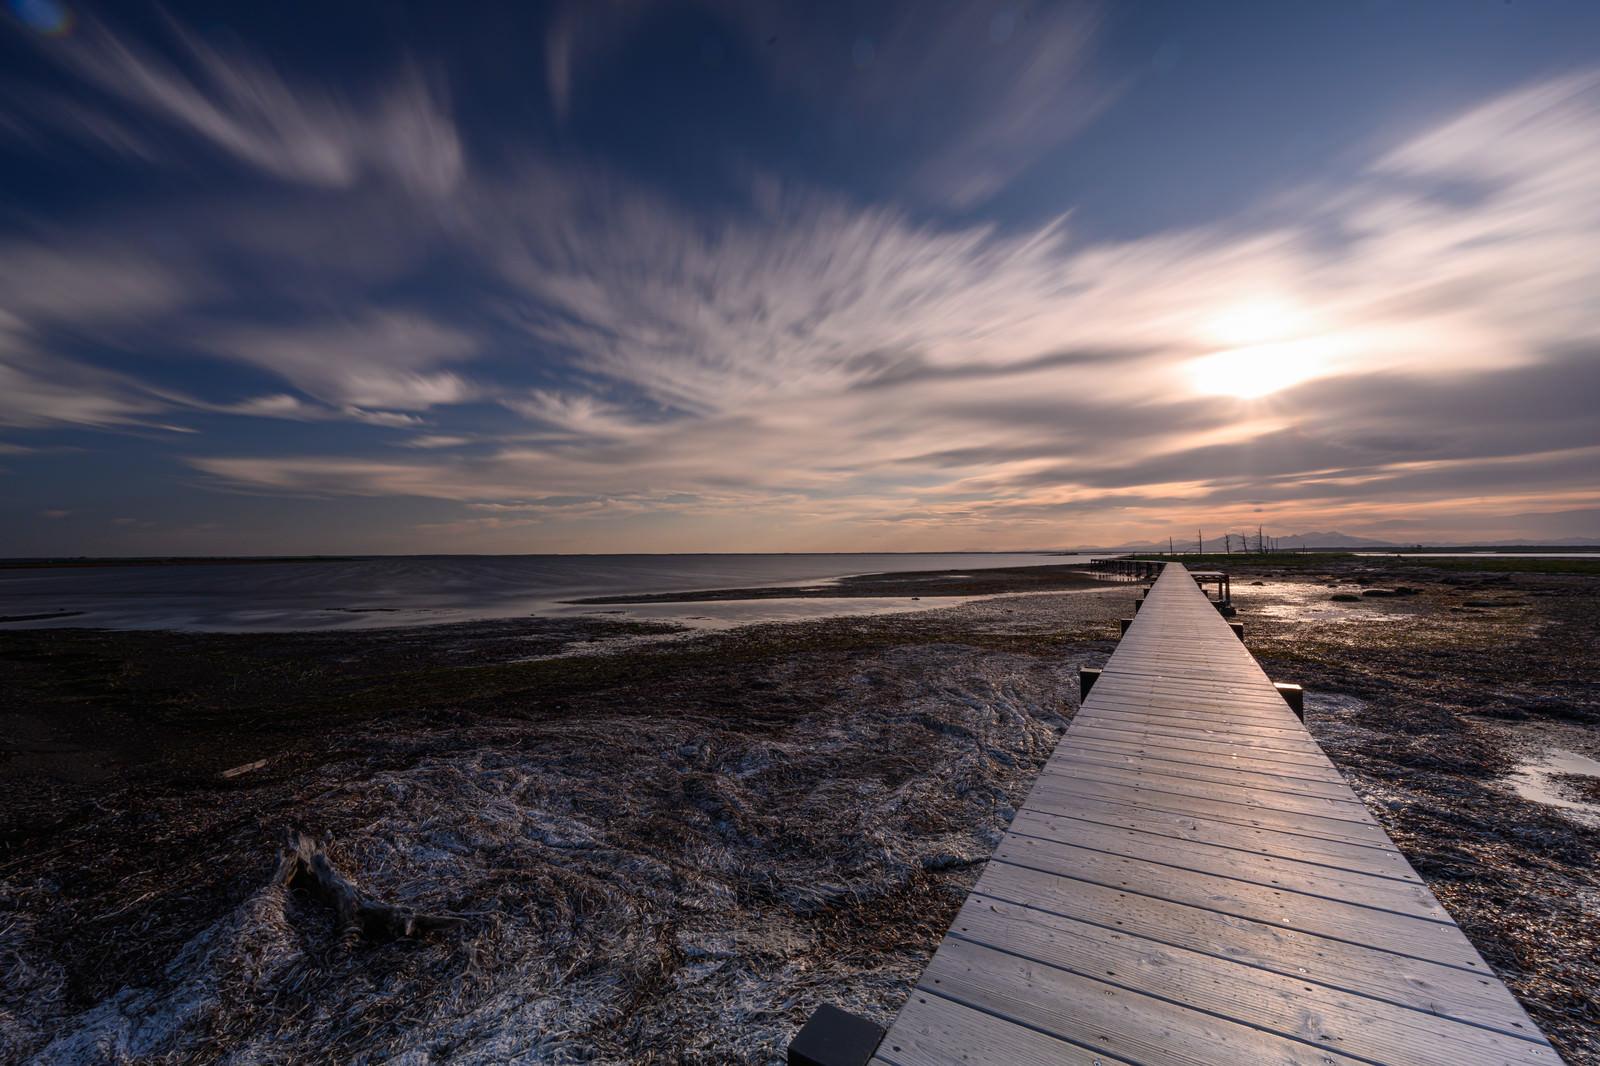 「野付半島の桟橋」の写真